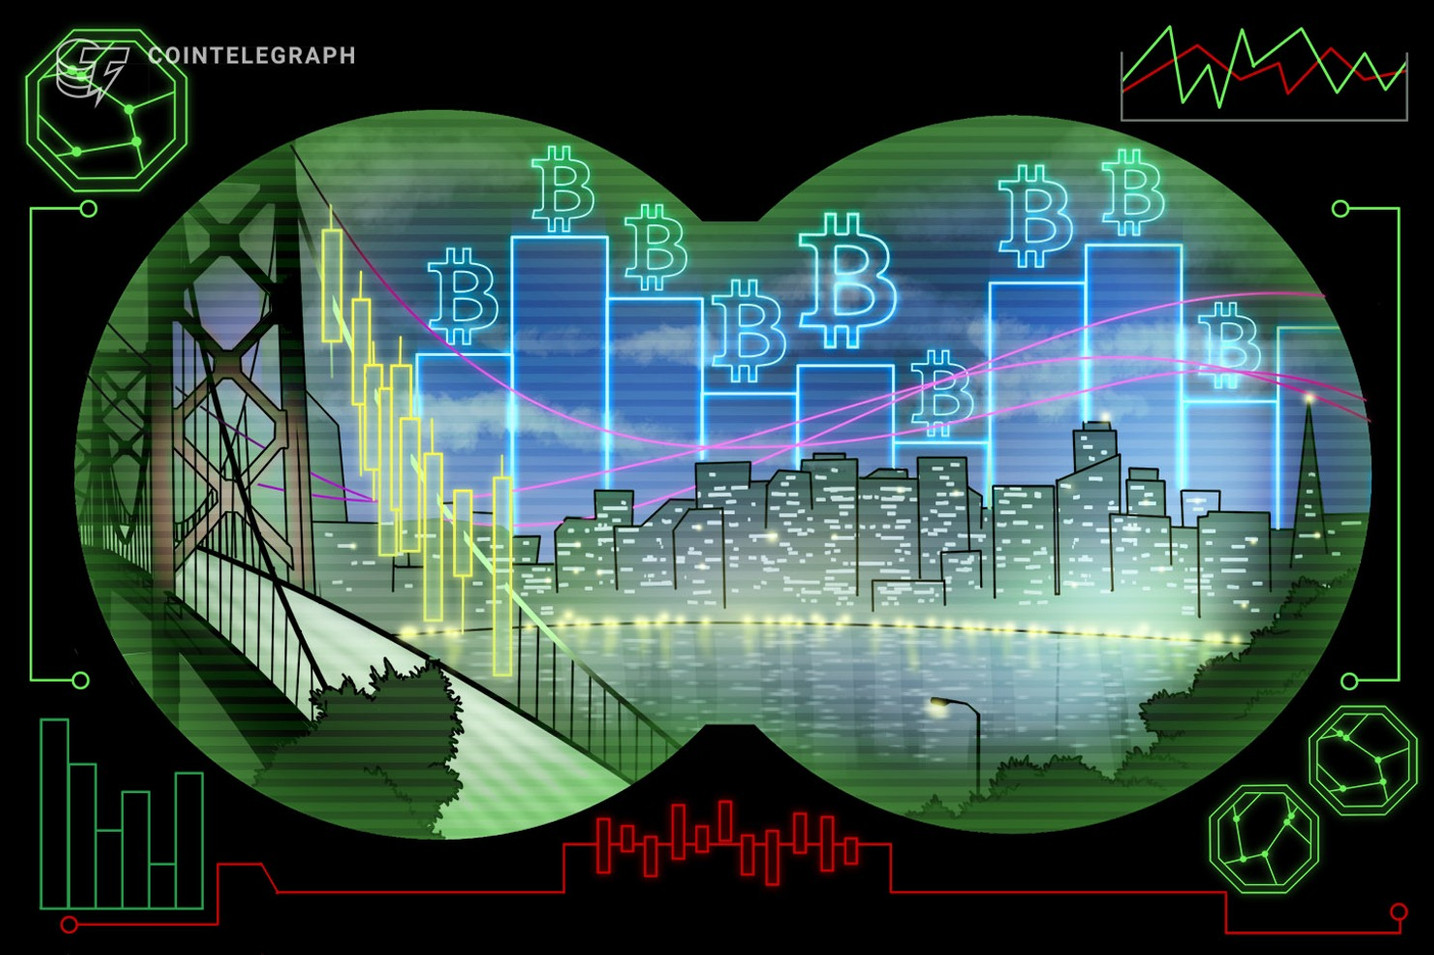 仮想通貨ビットコインは8570ドルに向かう ストック・フロー比率は強気指標【仮想通貨相場】